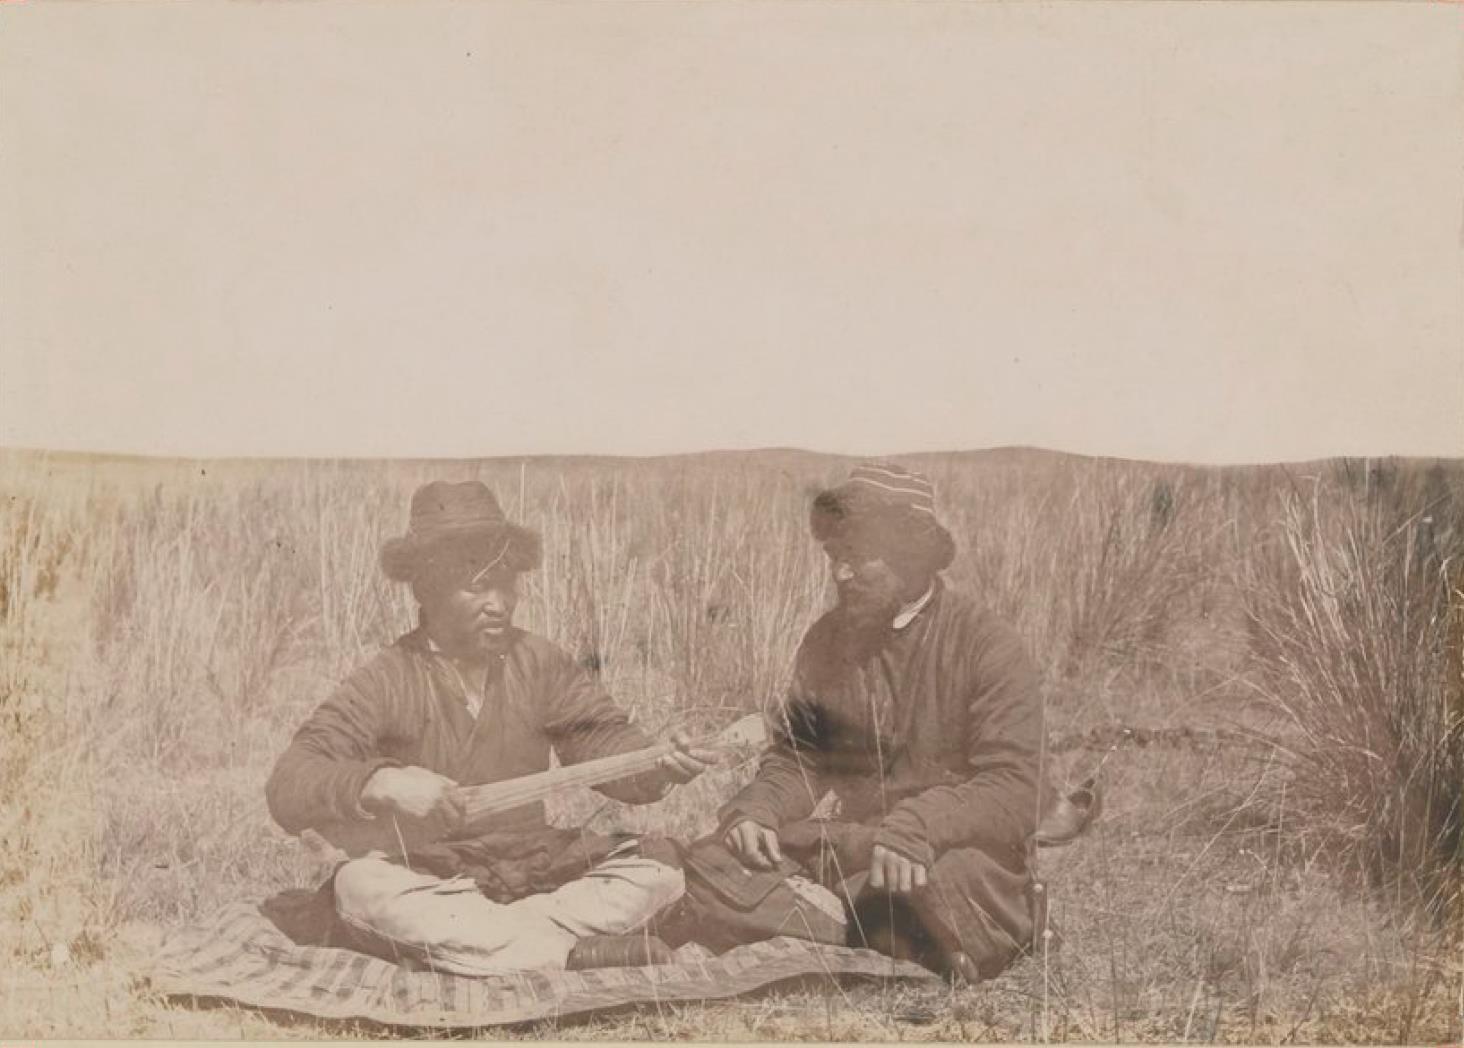 Киргизы Семипалатинской области. Музыканты